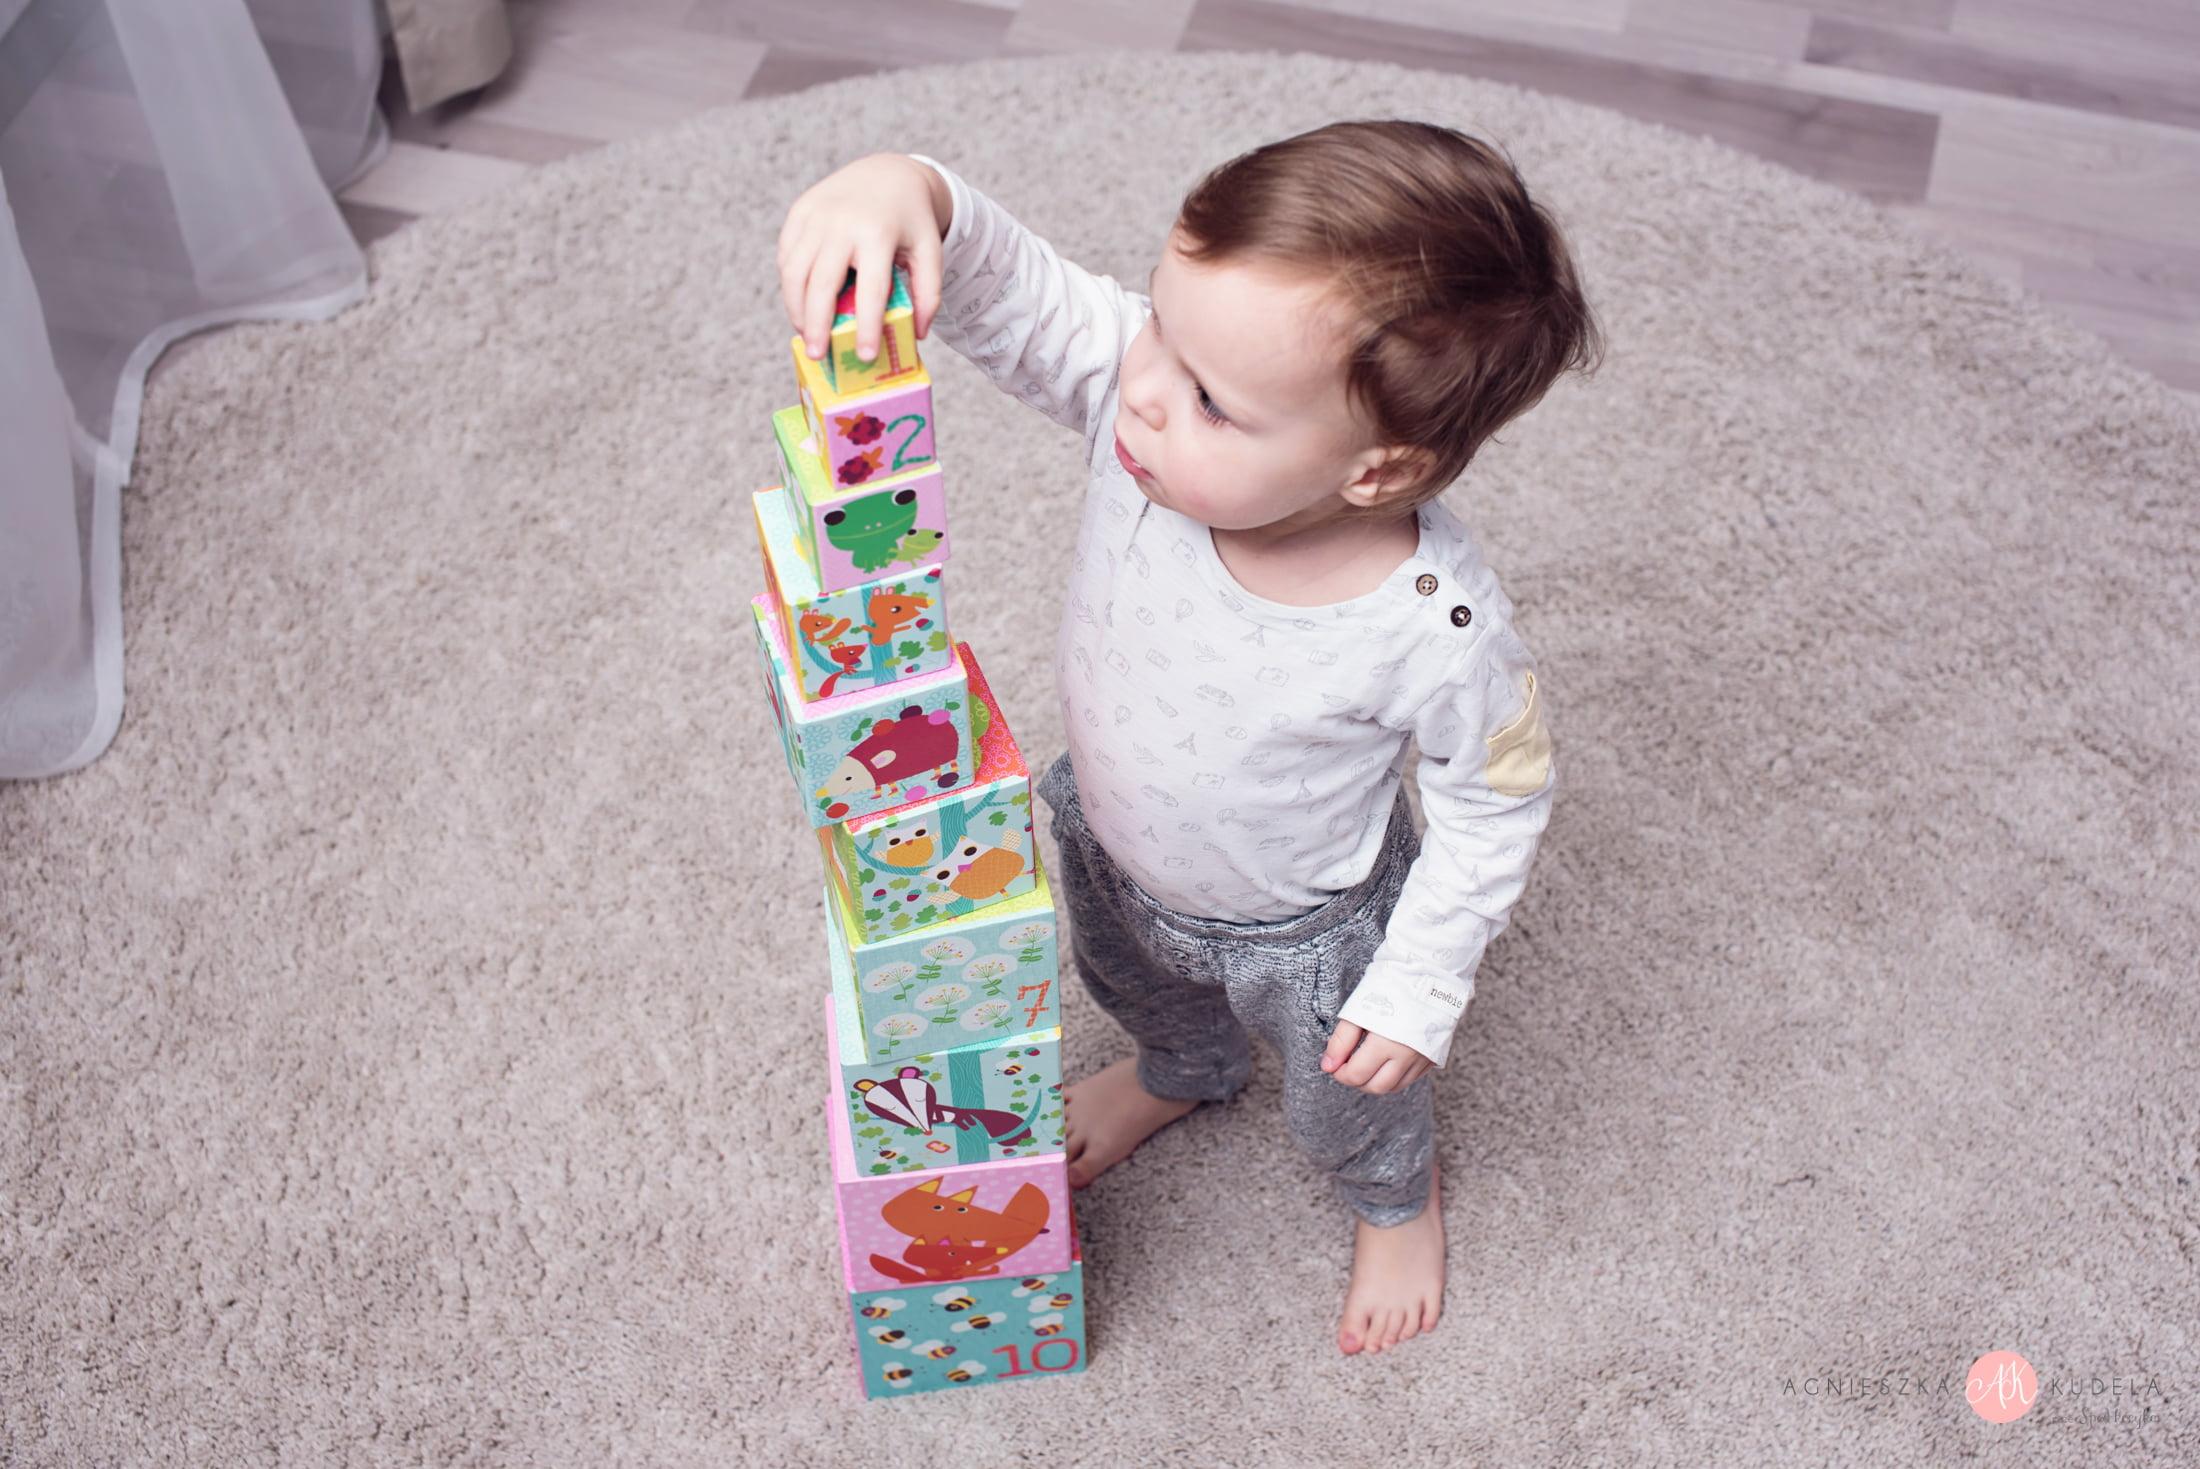 zabawka dla dwulatka jaka wybrac